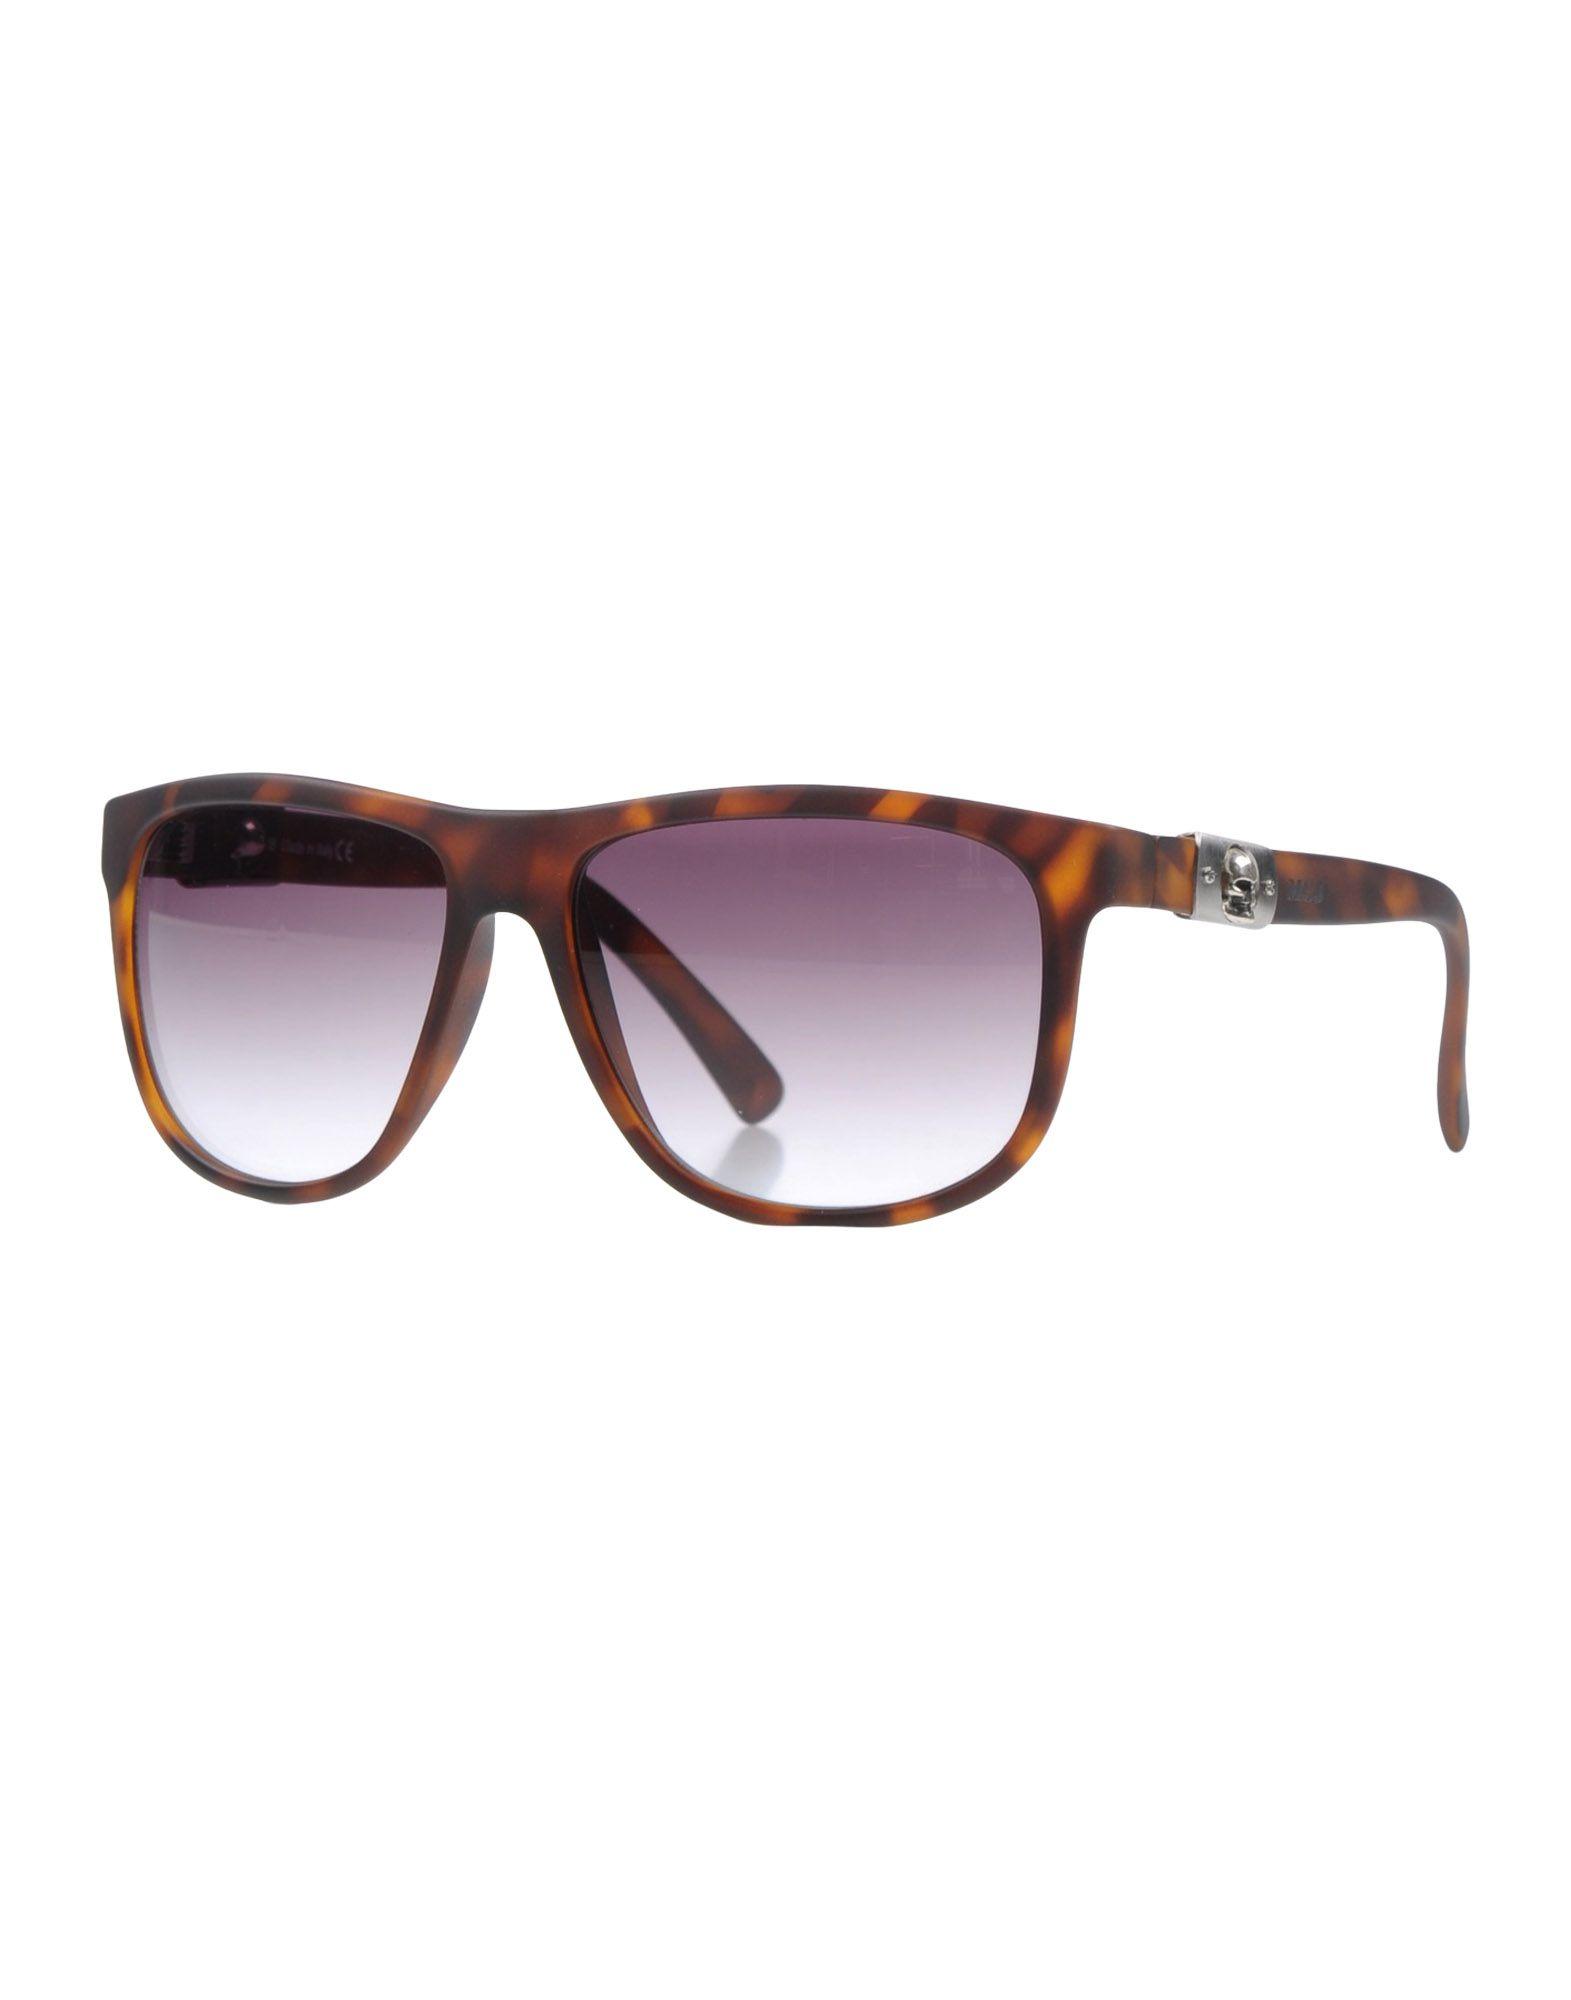 MCJ Herren Sonnenbrille Farbe Dunkelbraun Größe 1